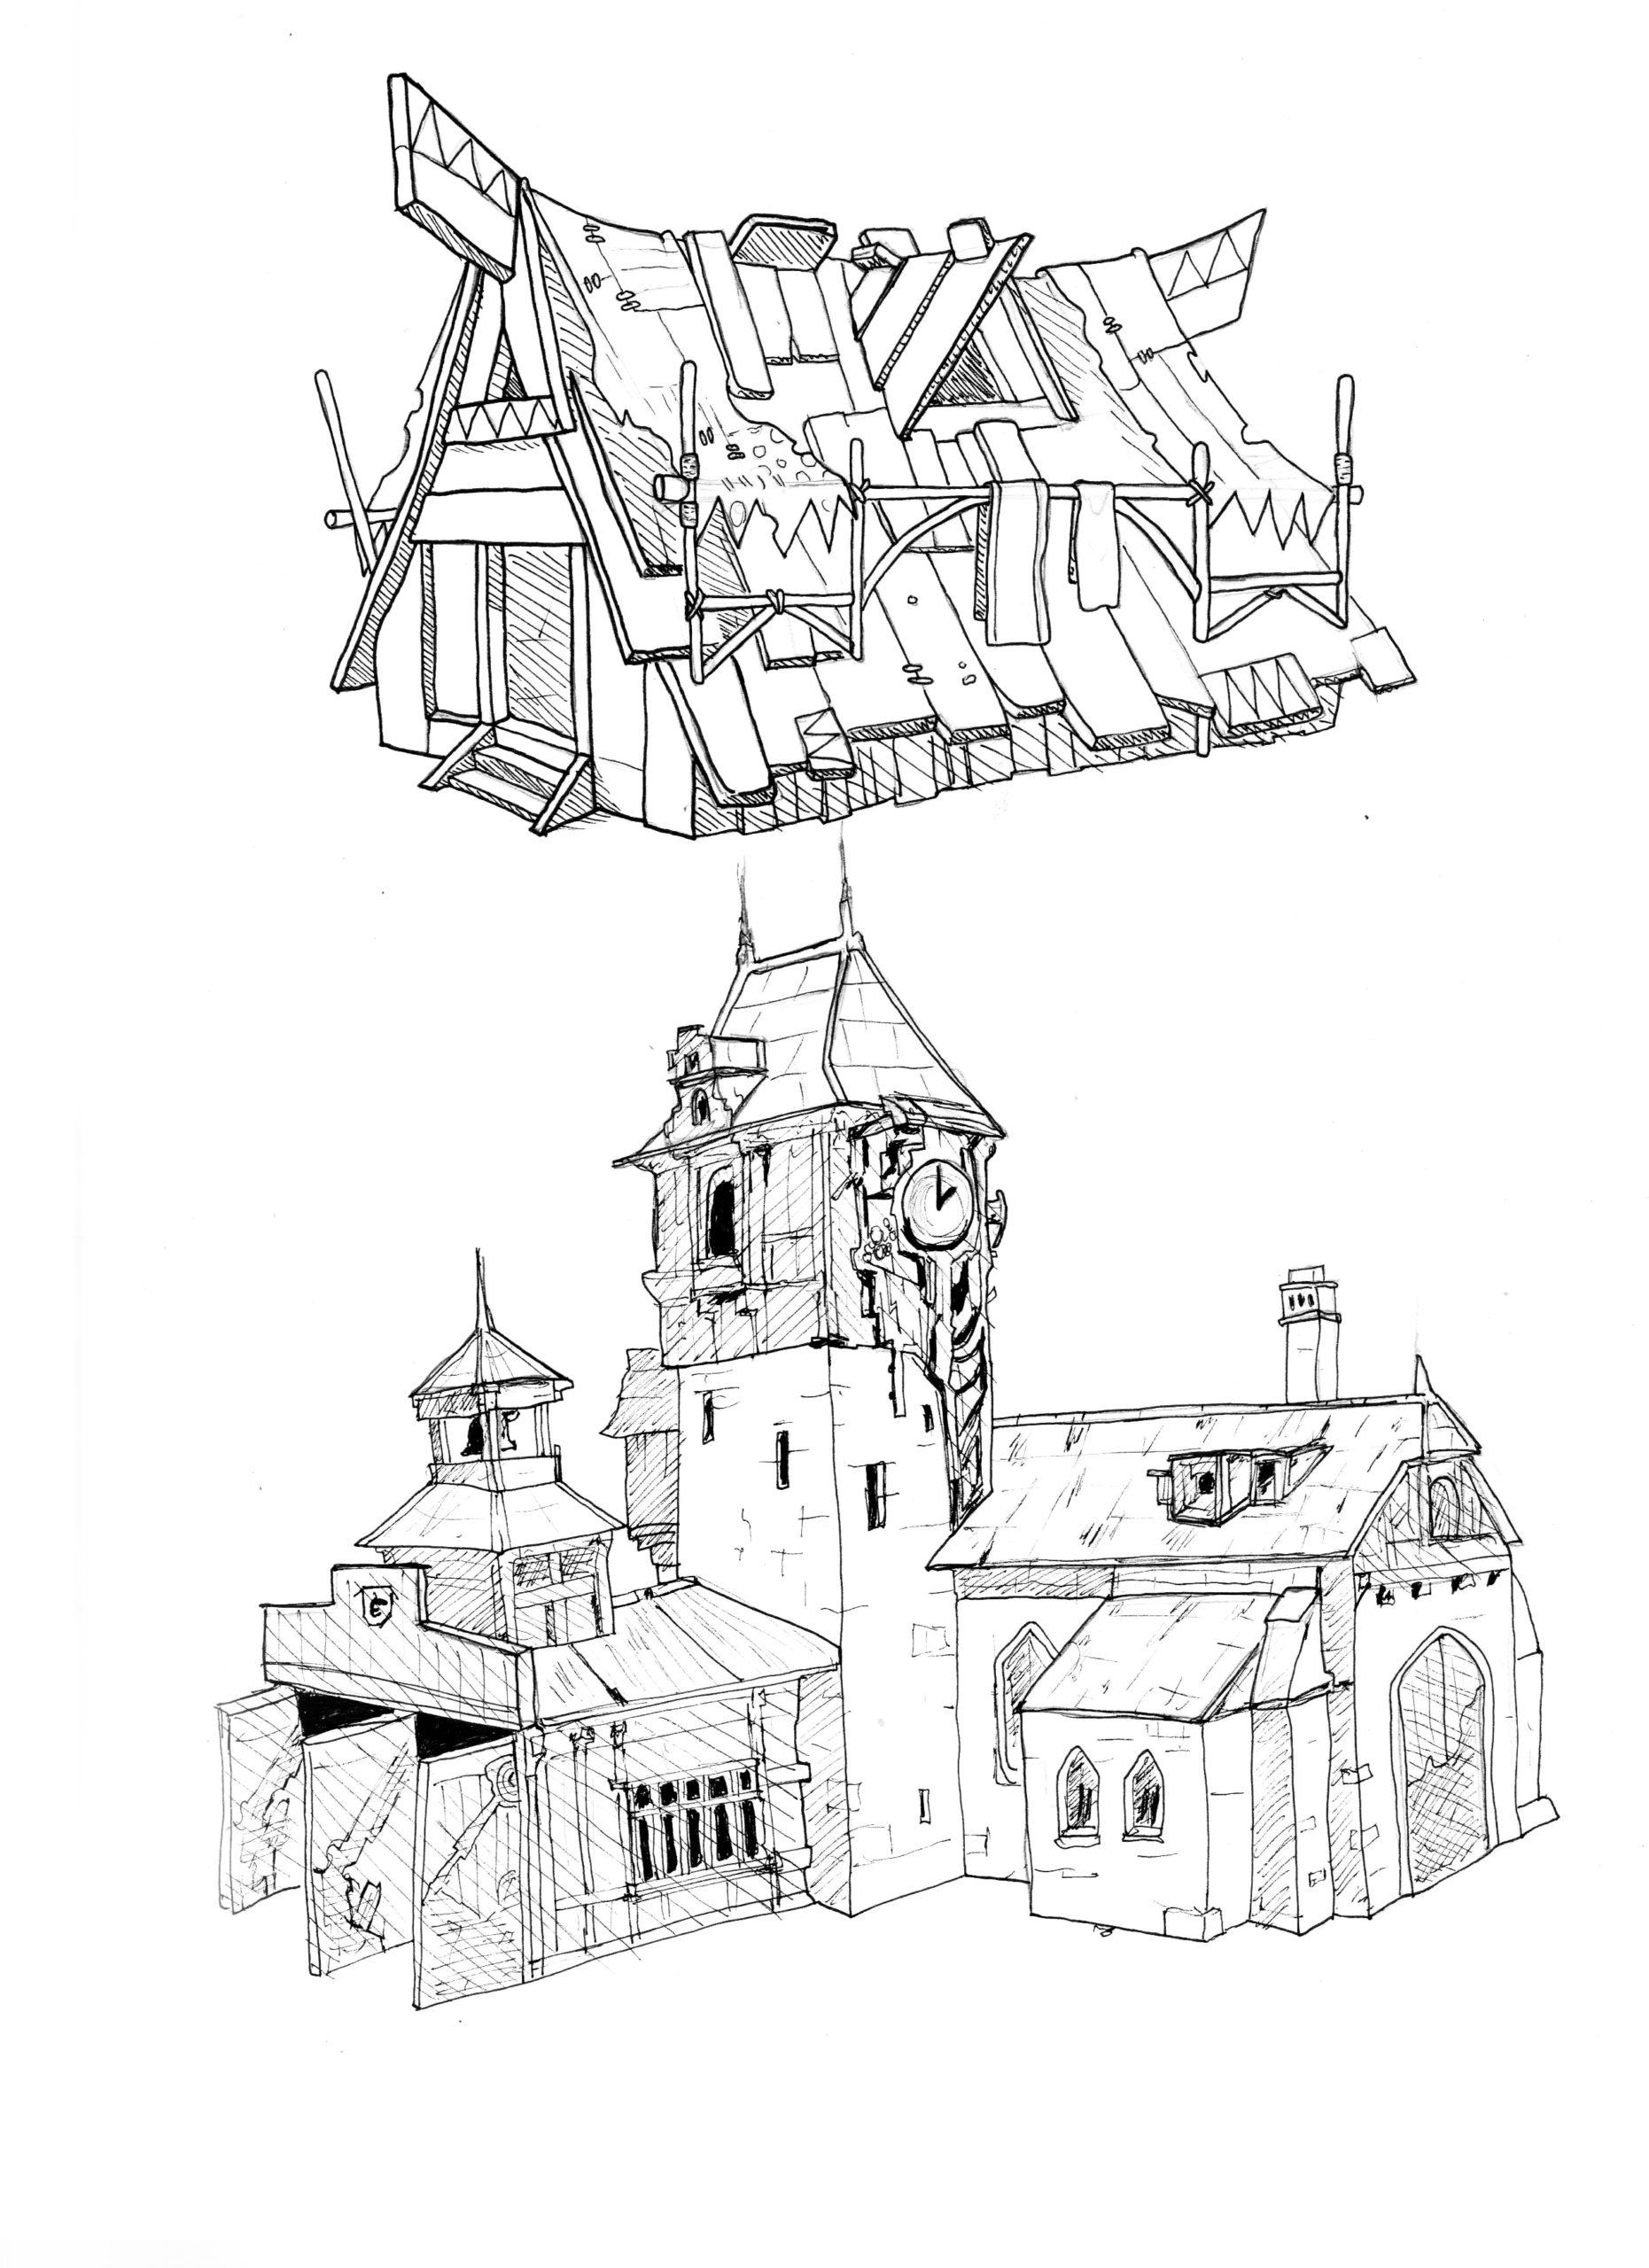 croquis 7 - maison imagination